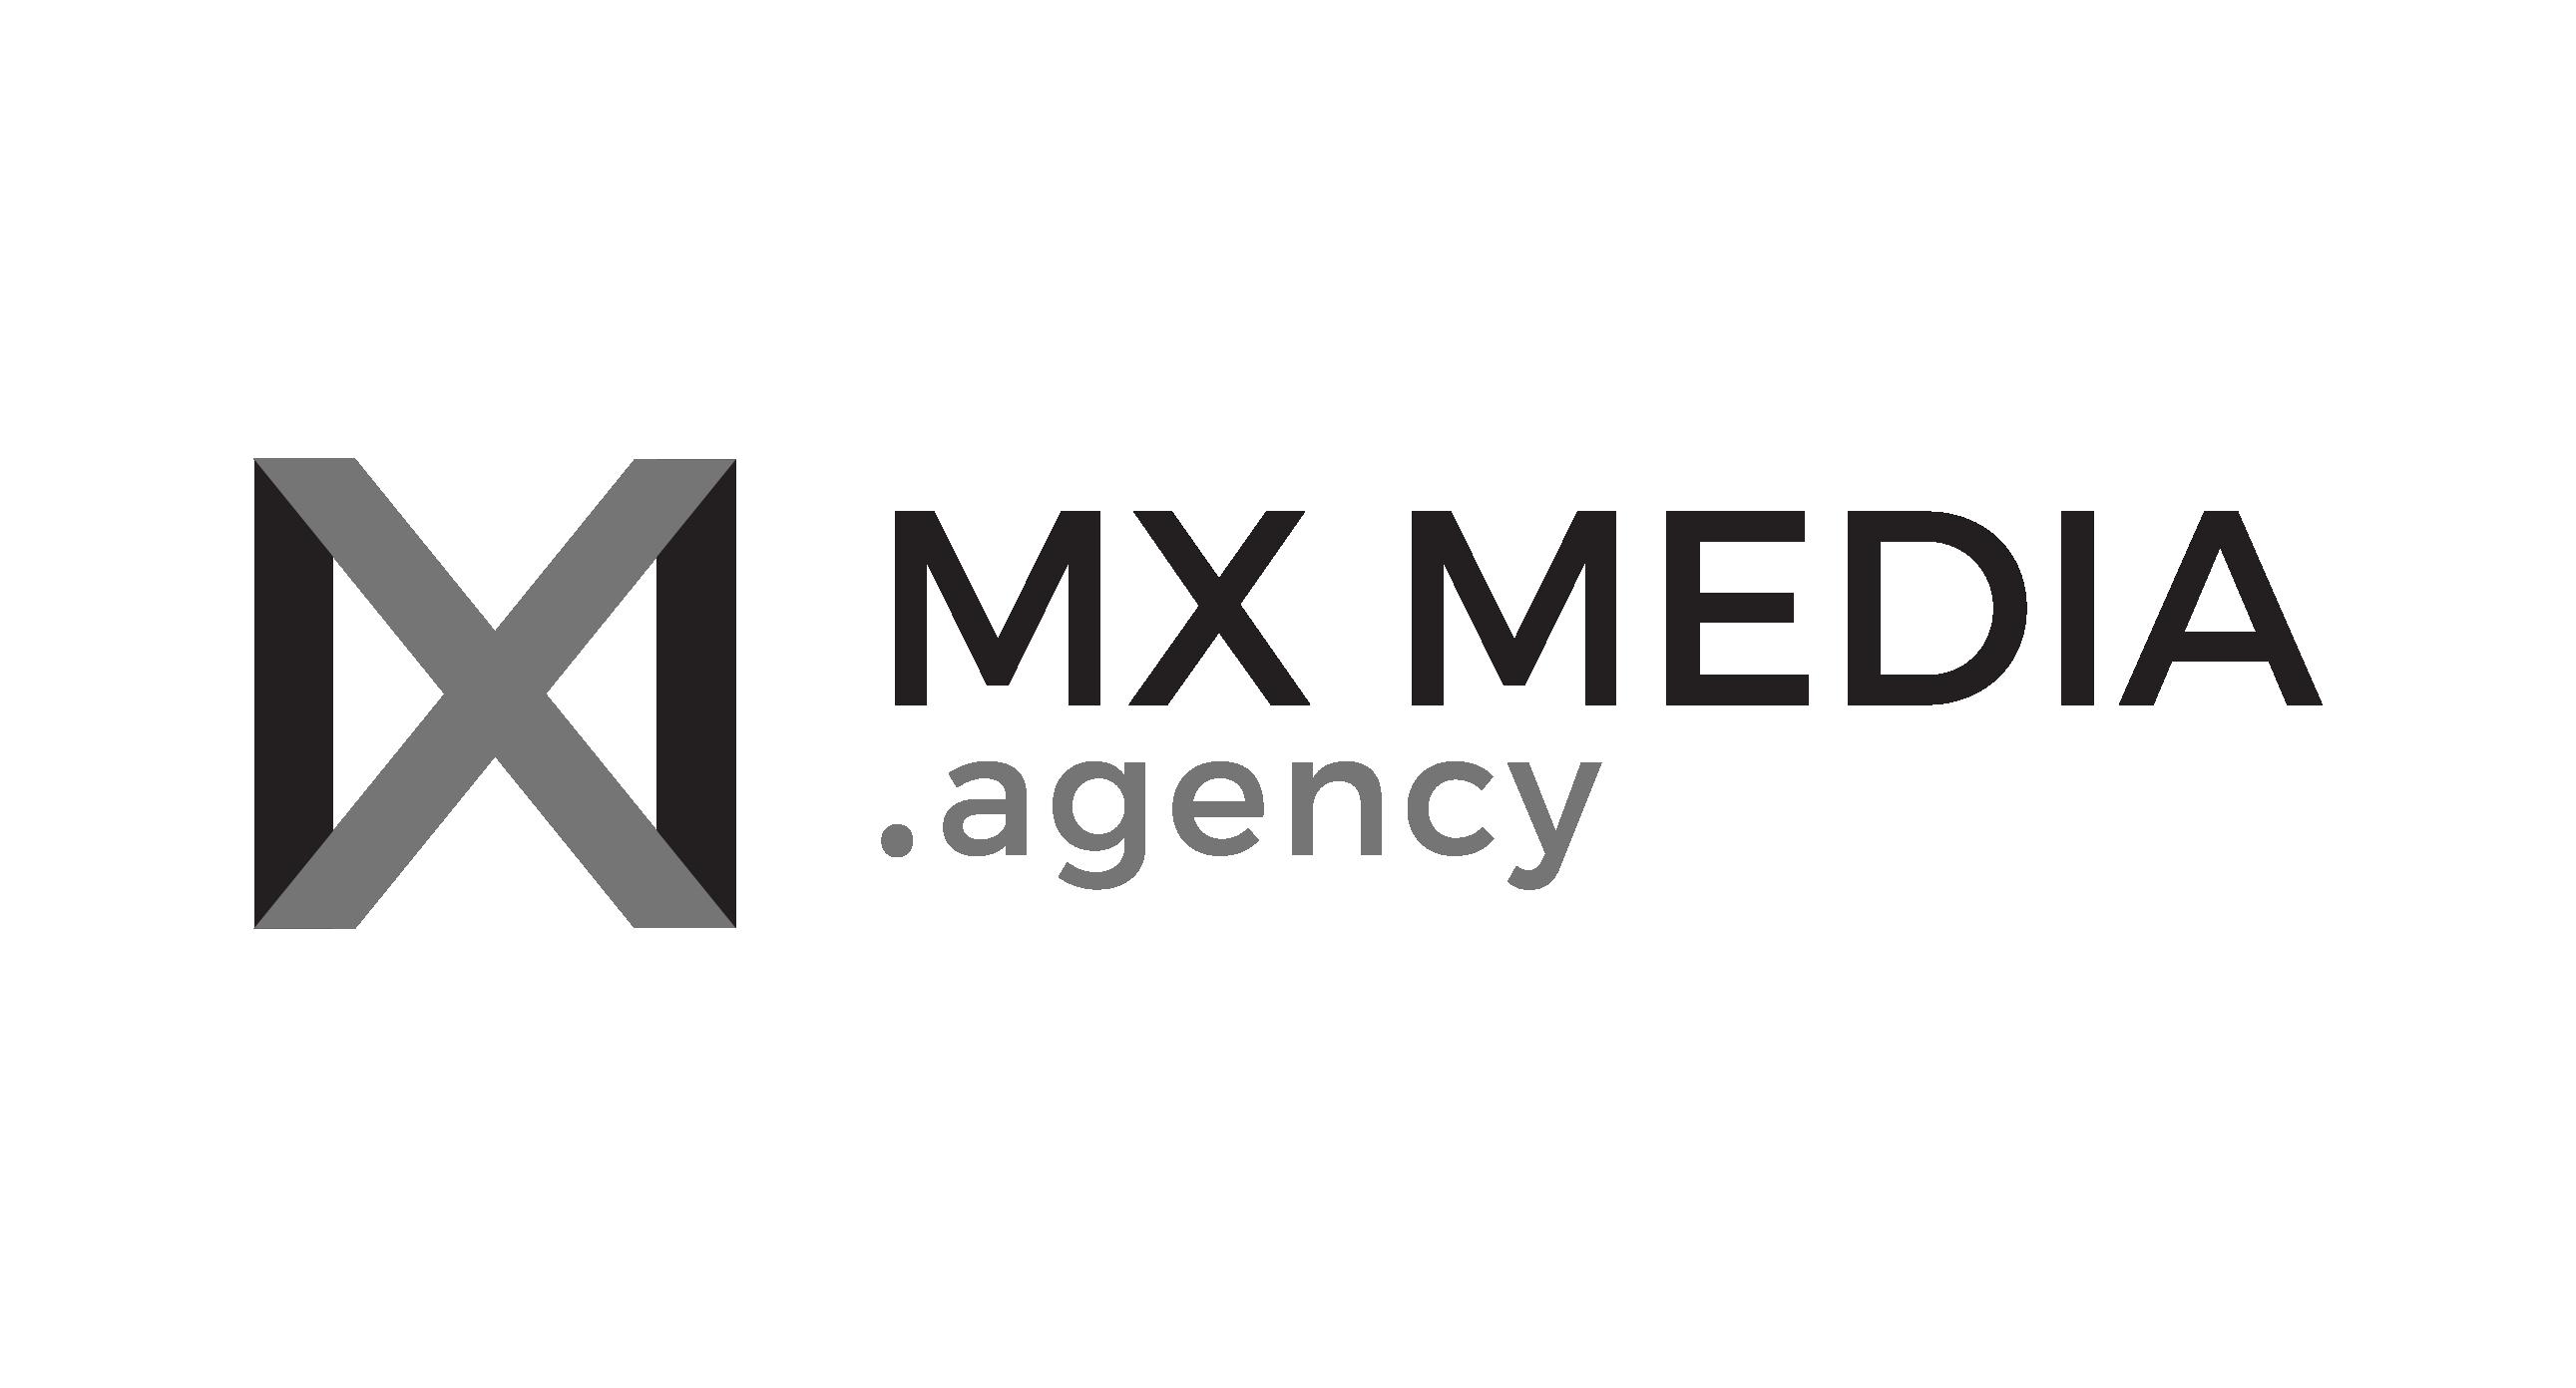 Mx Media Agency